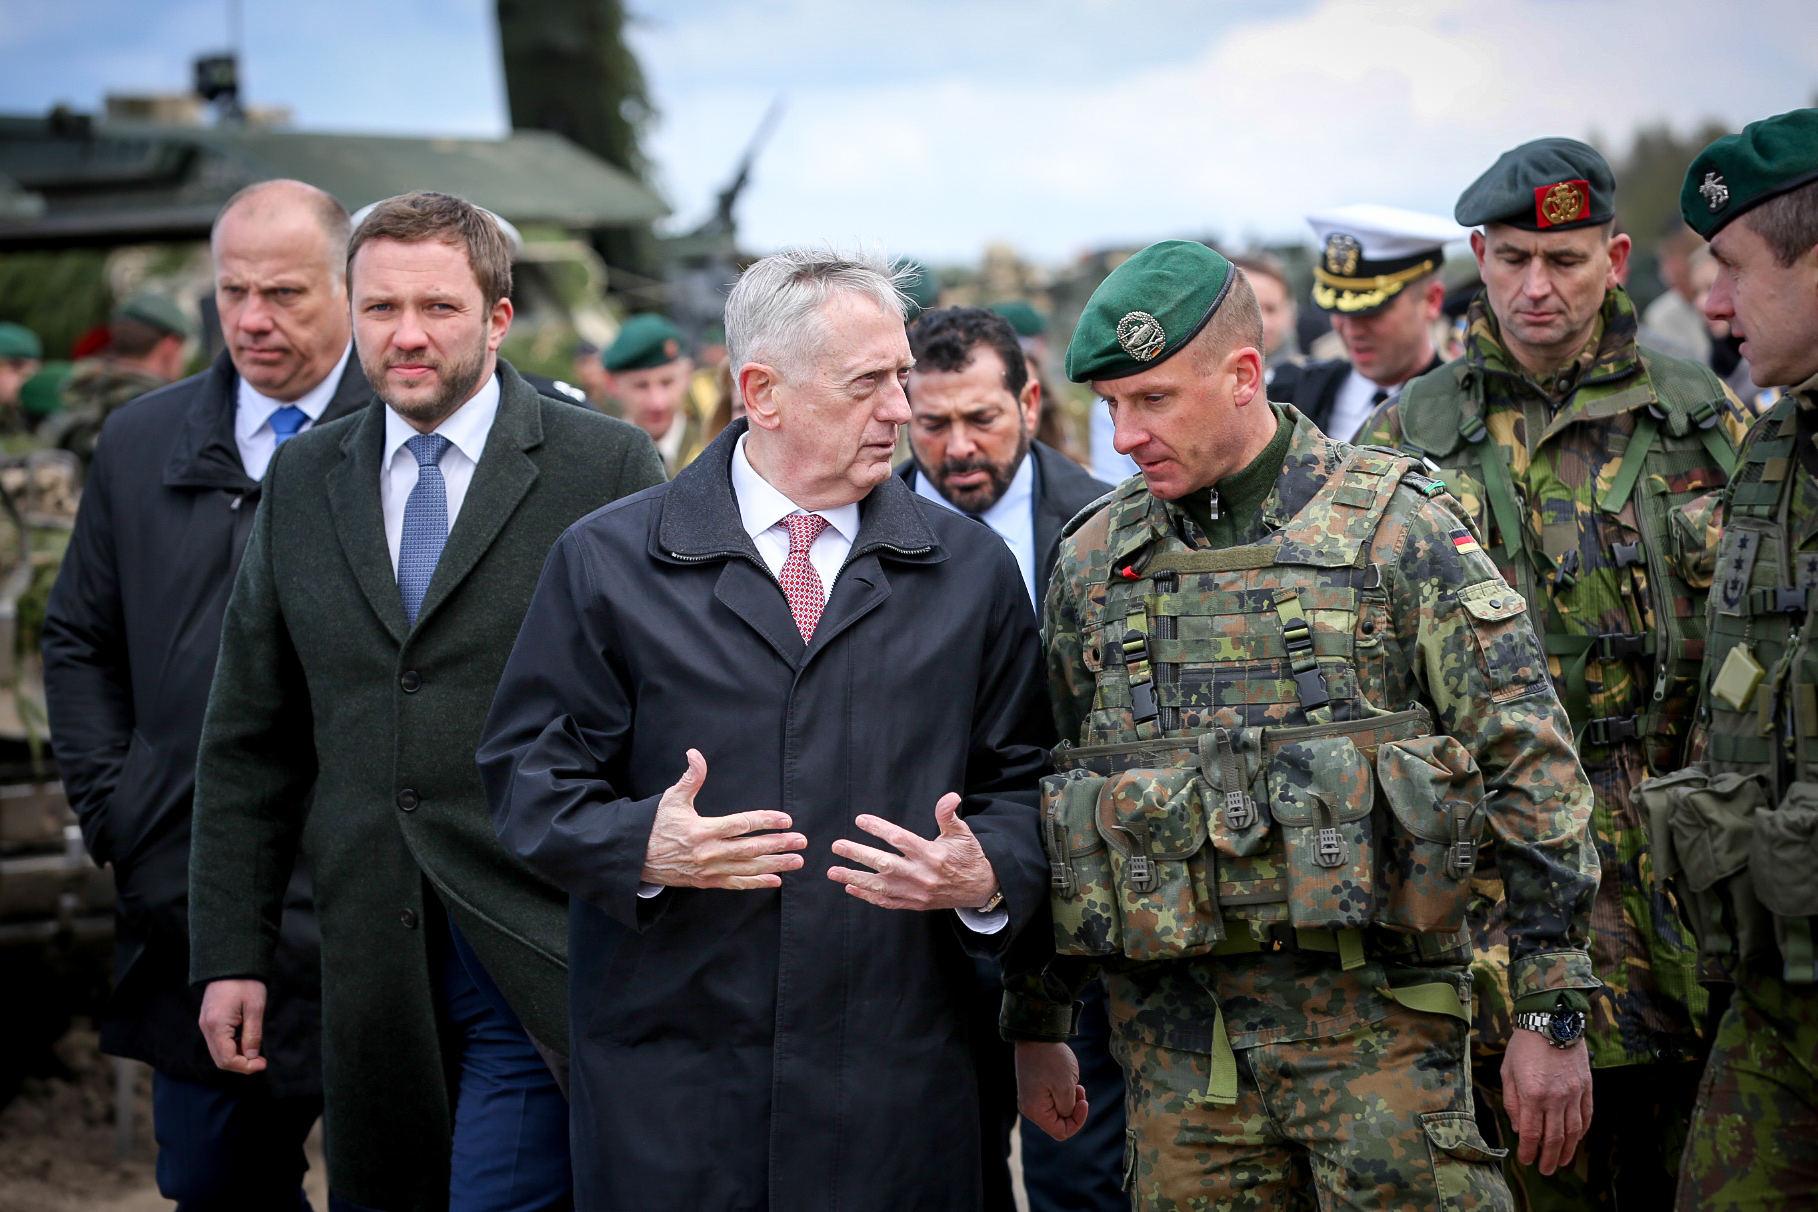 Литва построит на границе с Россией заграждение с дополнительным оборудованием протяженностью в 45 км - Цензор.НЕТ 7361